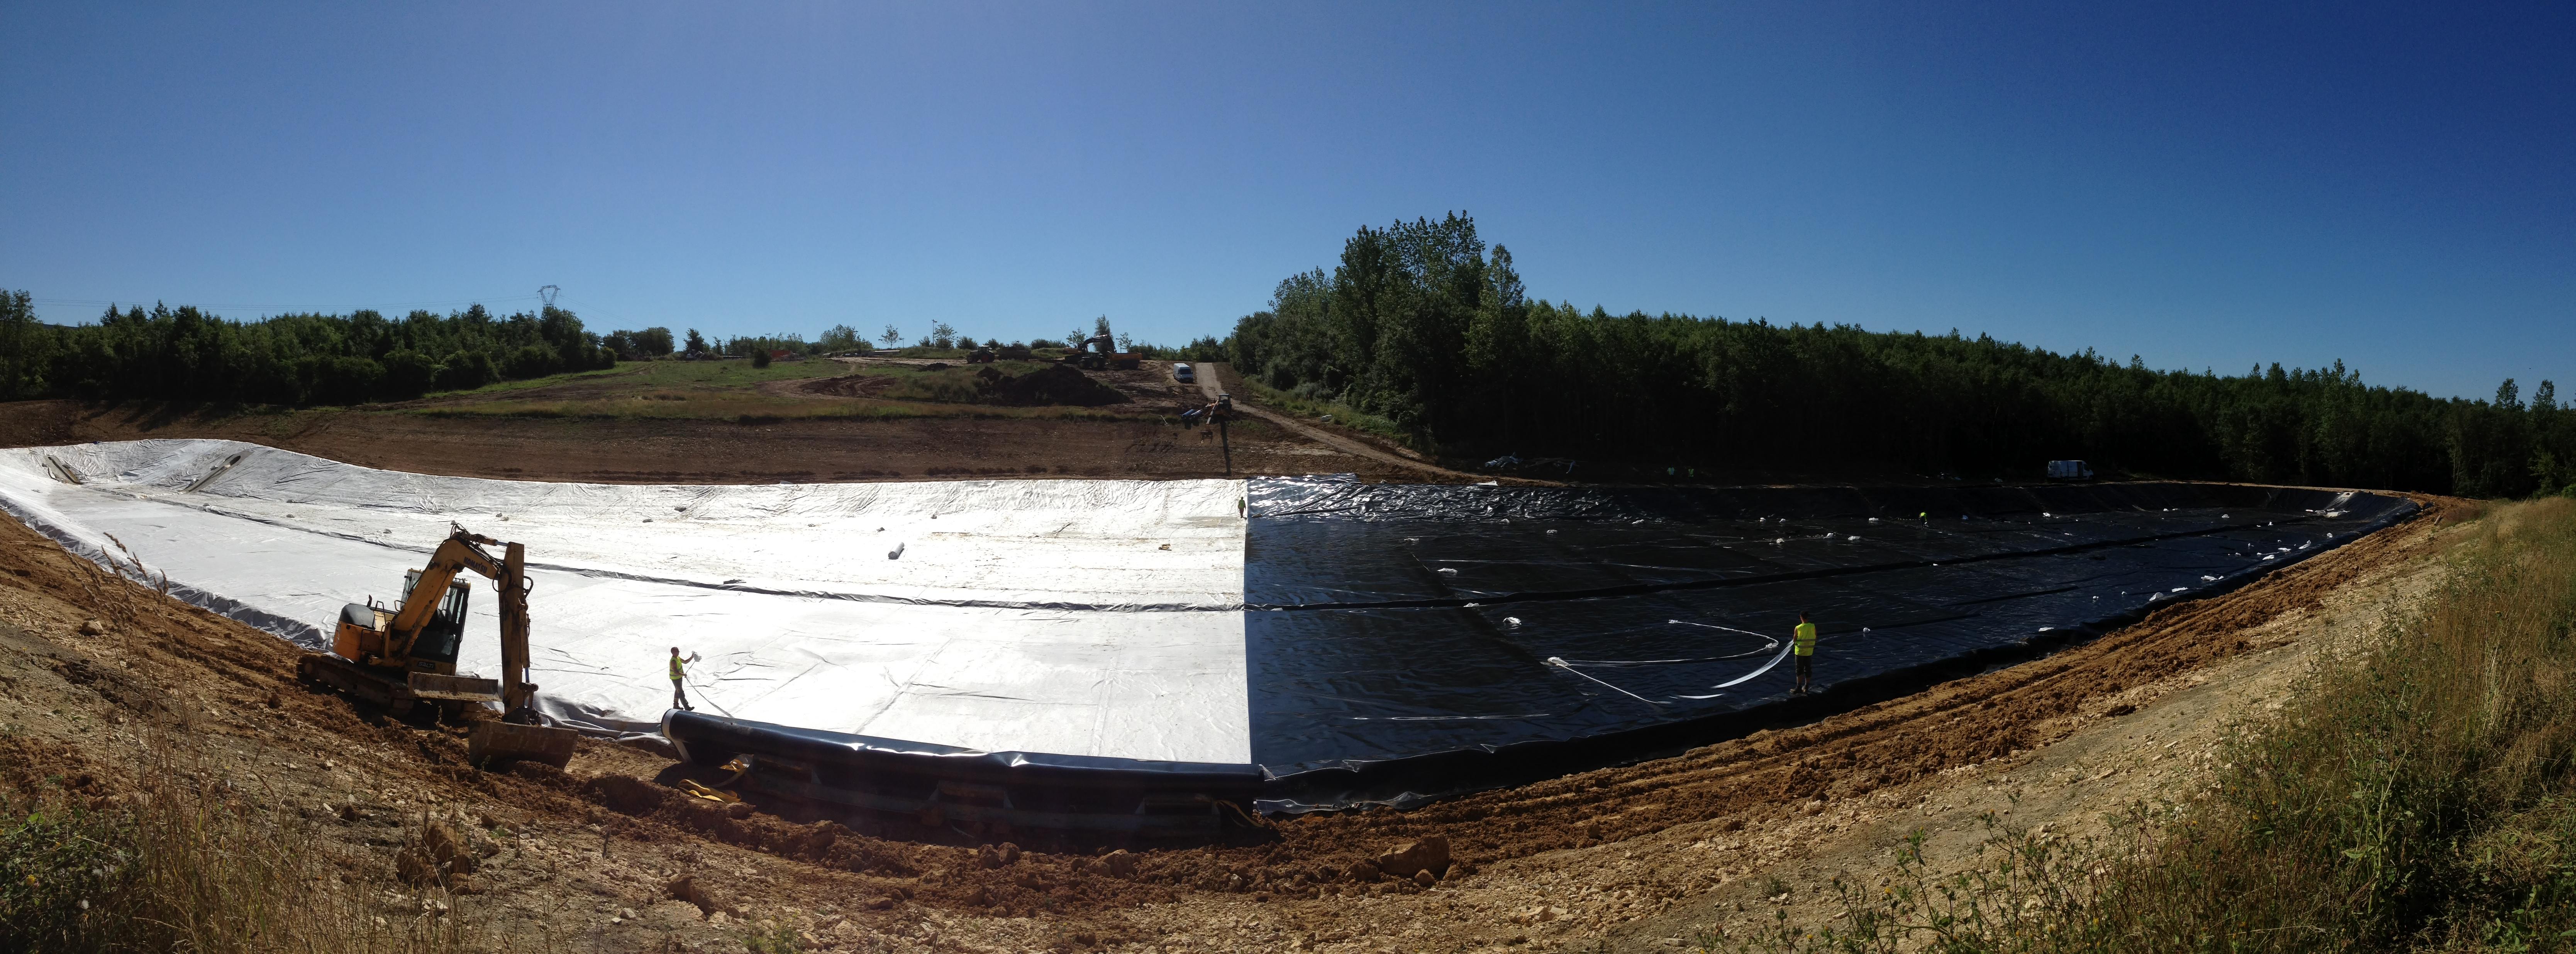 bassin-paysager-étanchéité-géomembrane-landacres-2